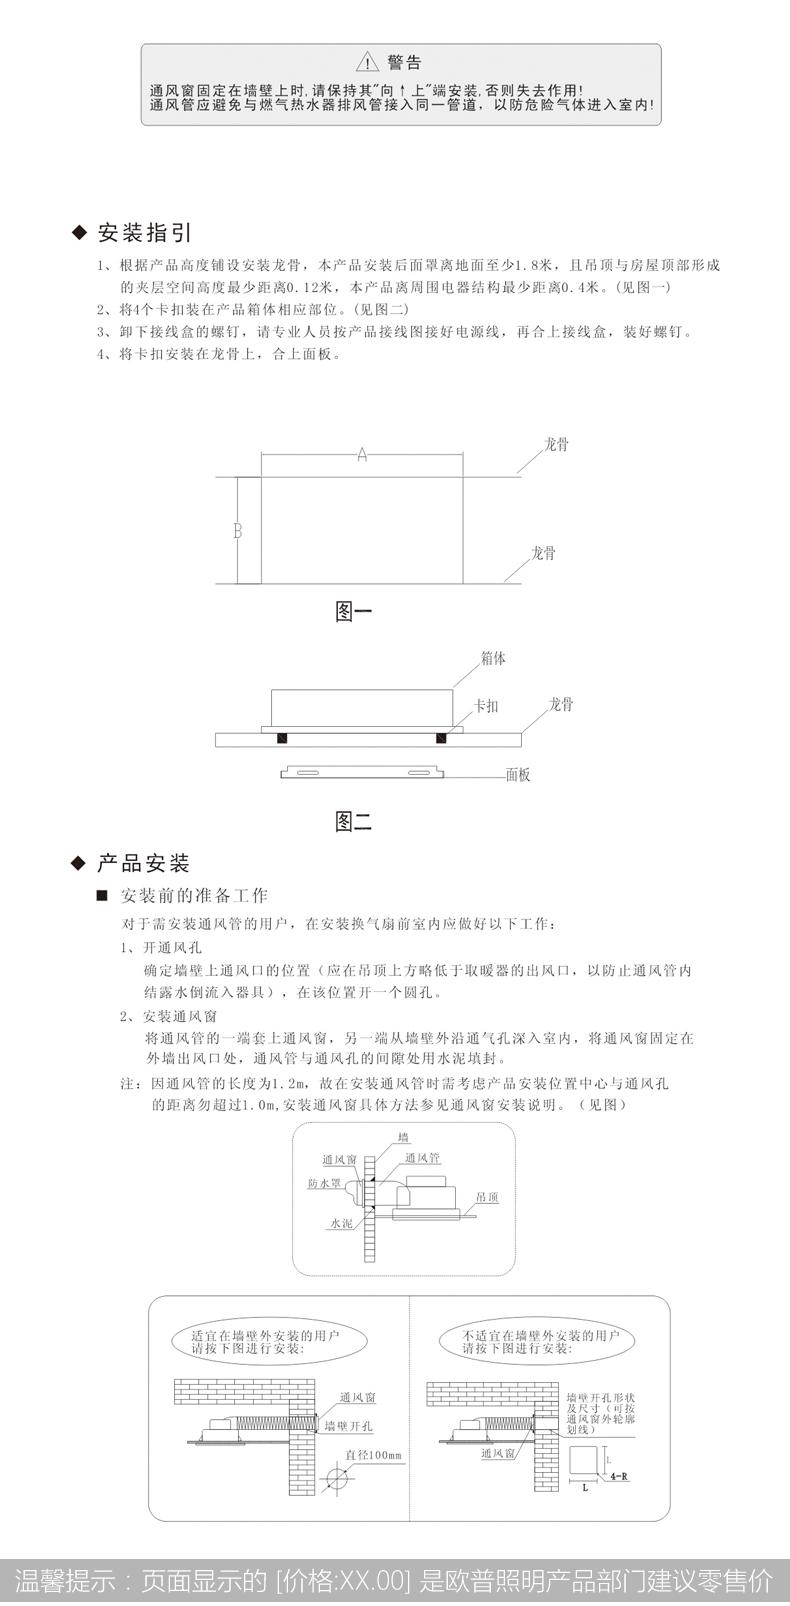 数显F06详情页-新_r12_c1.jpg